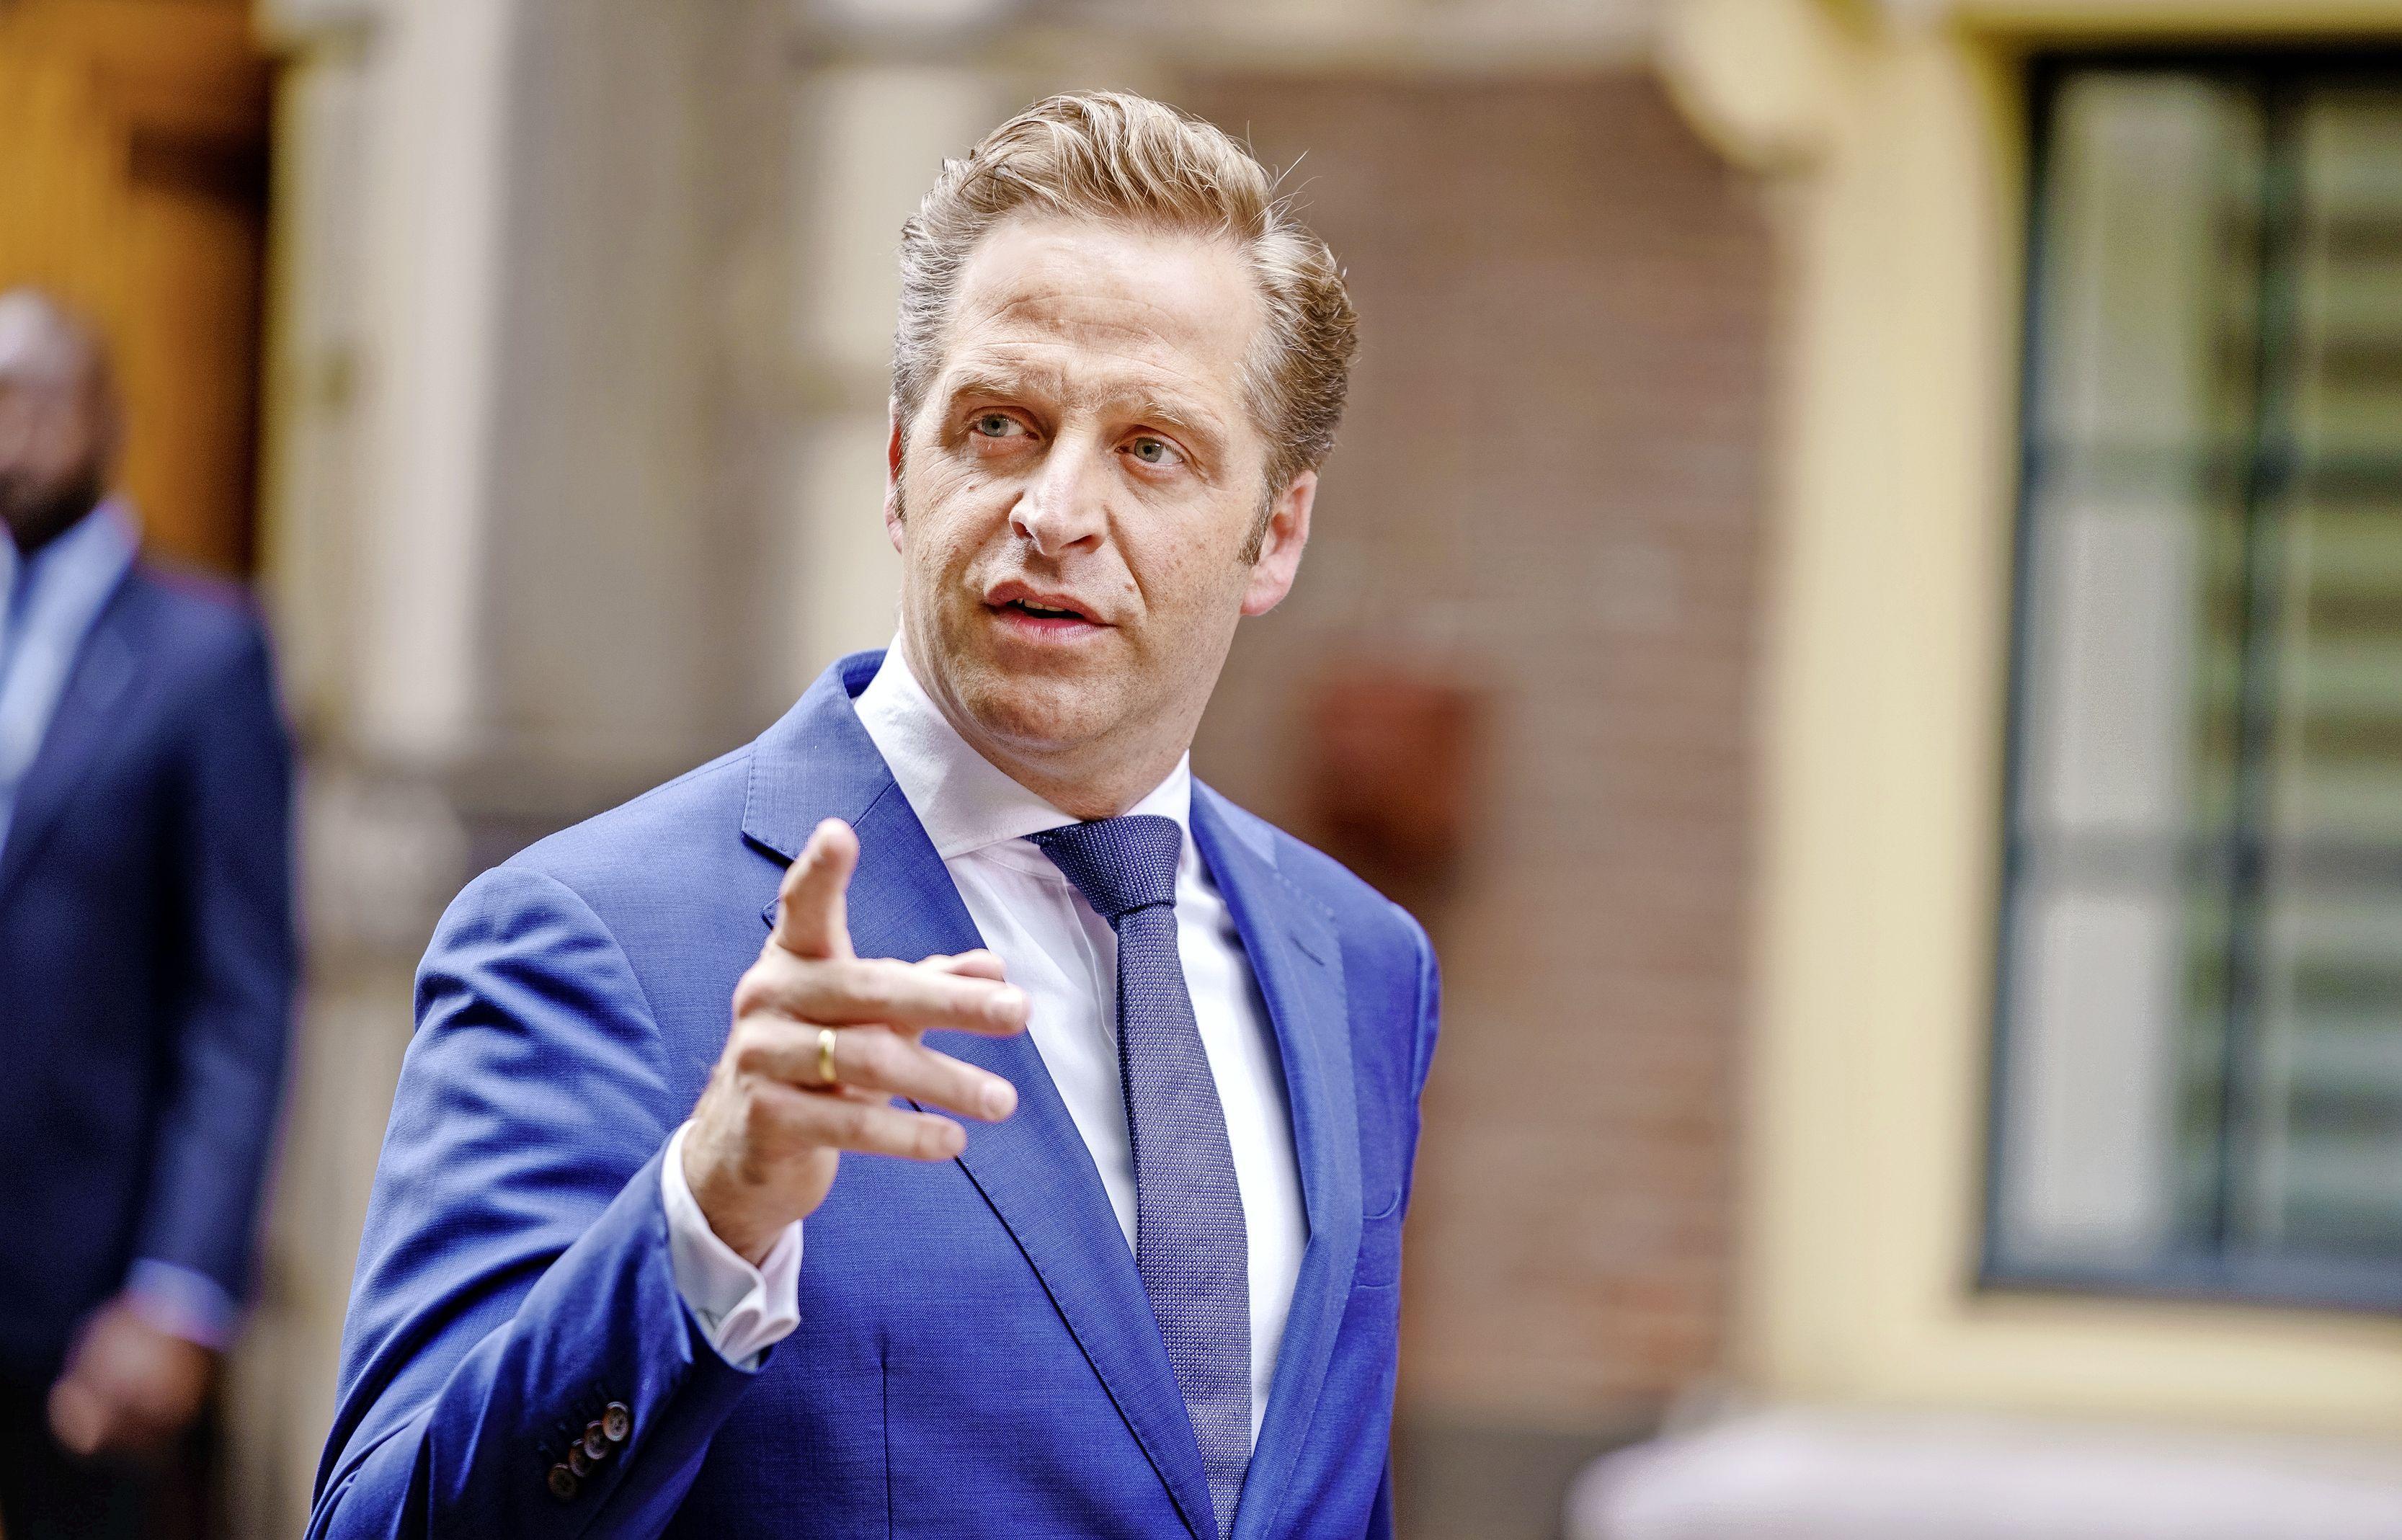 Ministerie wil zelftesten huis-aan-huis verspreiden en bussen tussen Schiphol en teststaat om Deltavariant tegen te gaan